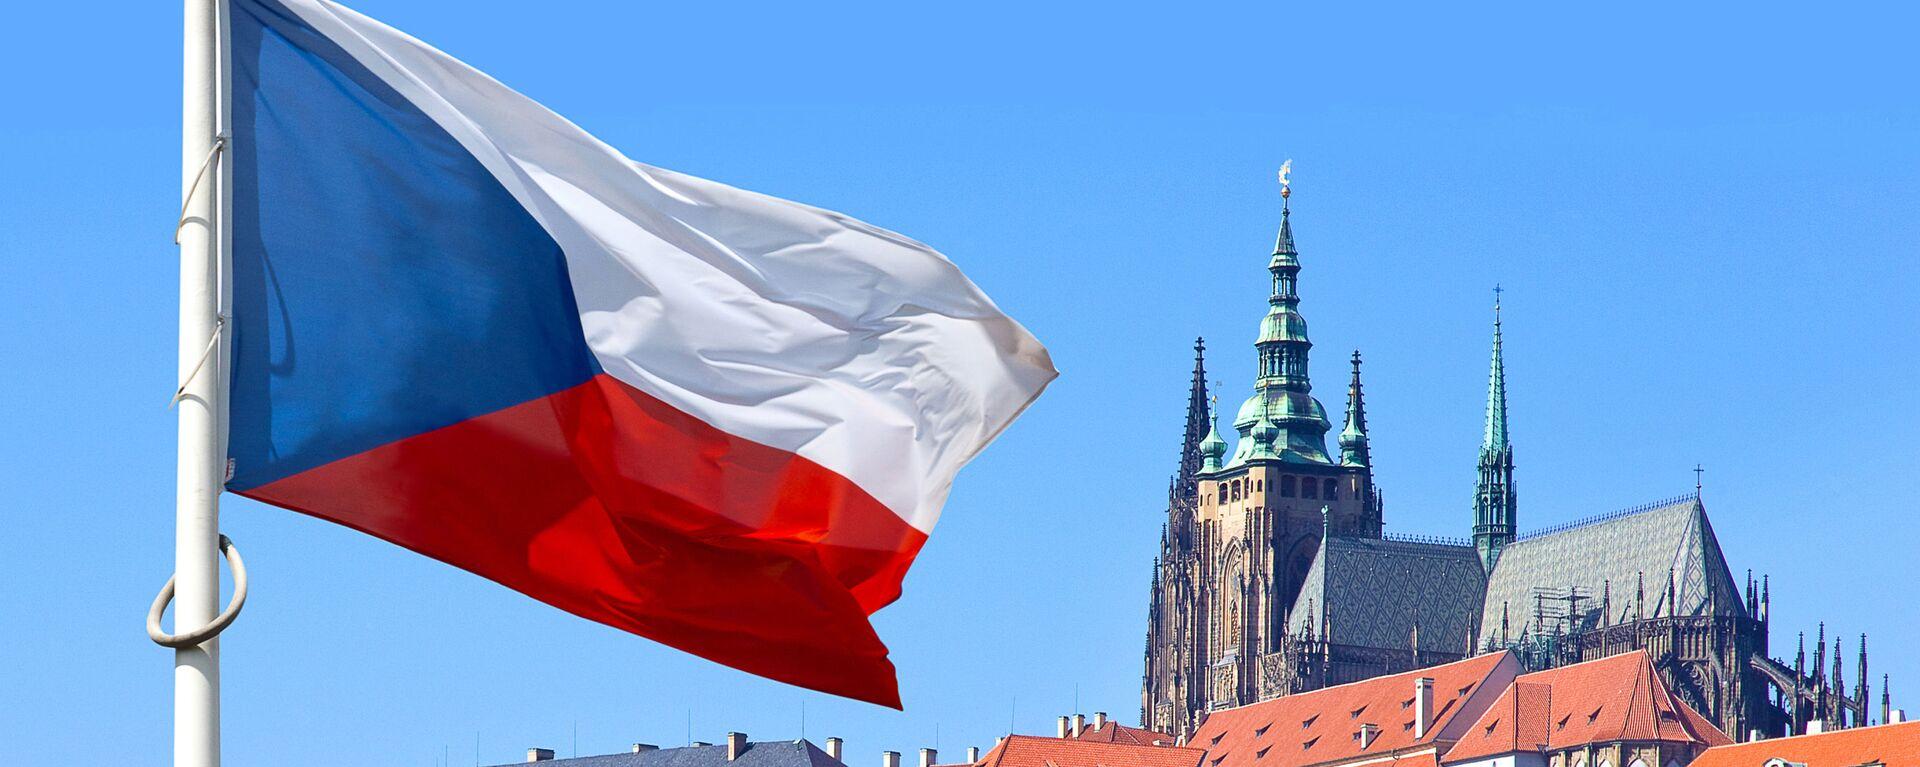 Czeska flaga w historycznym rejonie Pragi - Sputnik Polska, 1920, 20.04.2021